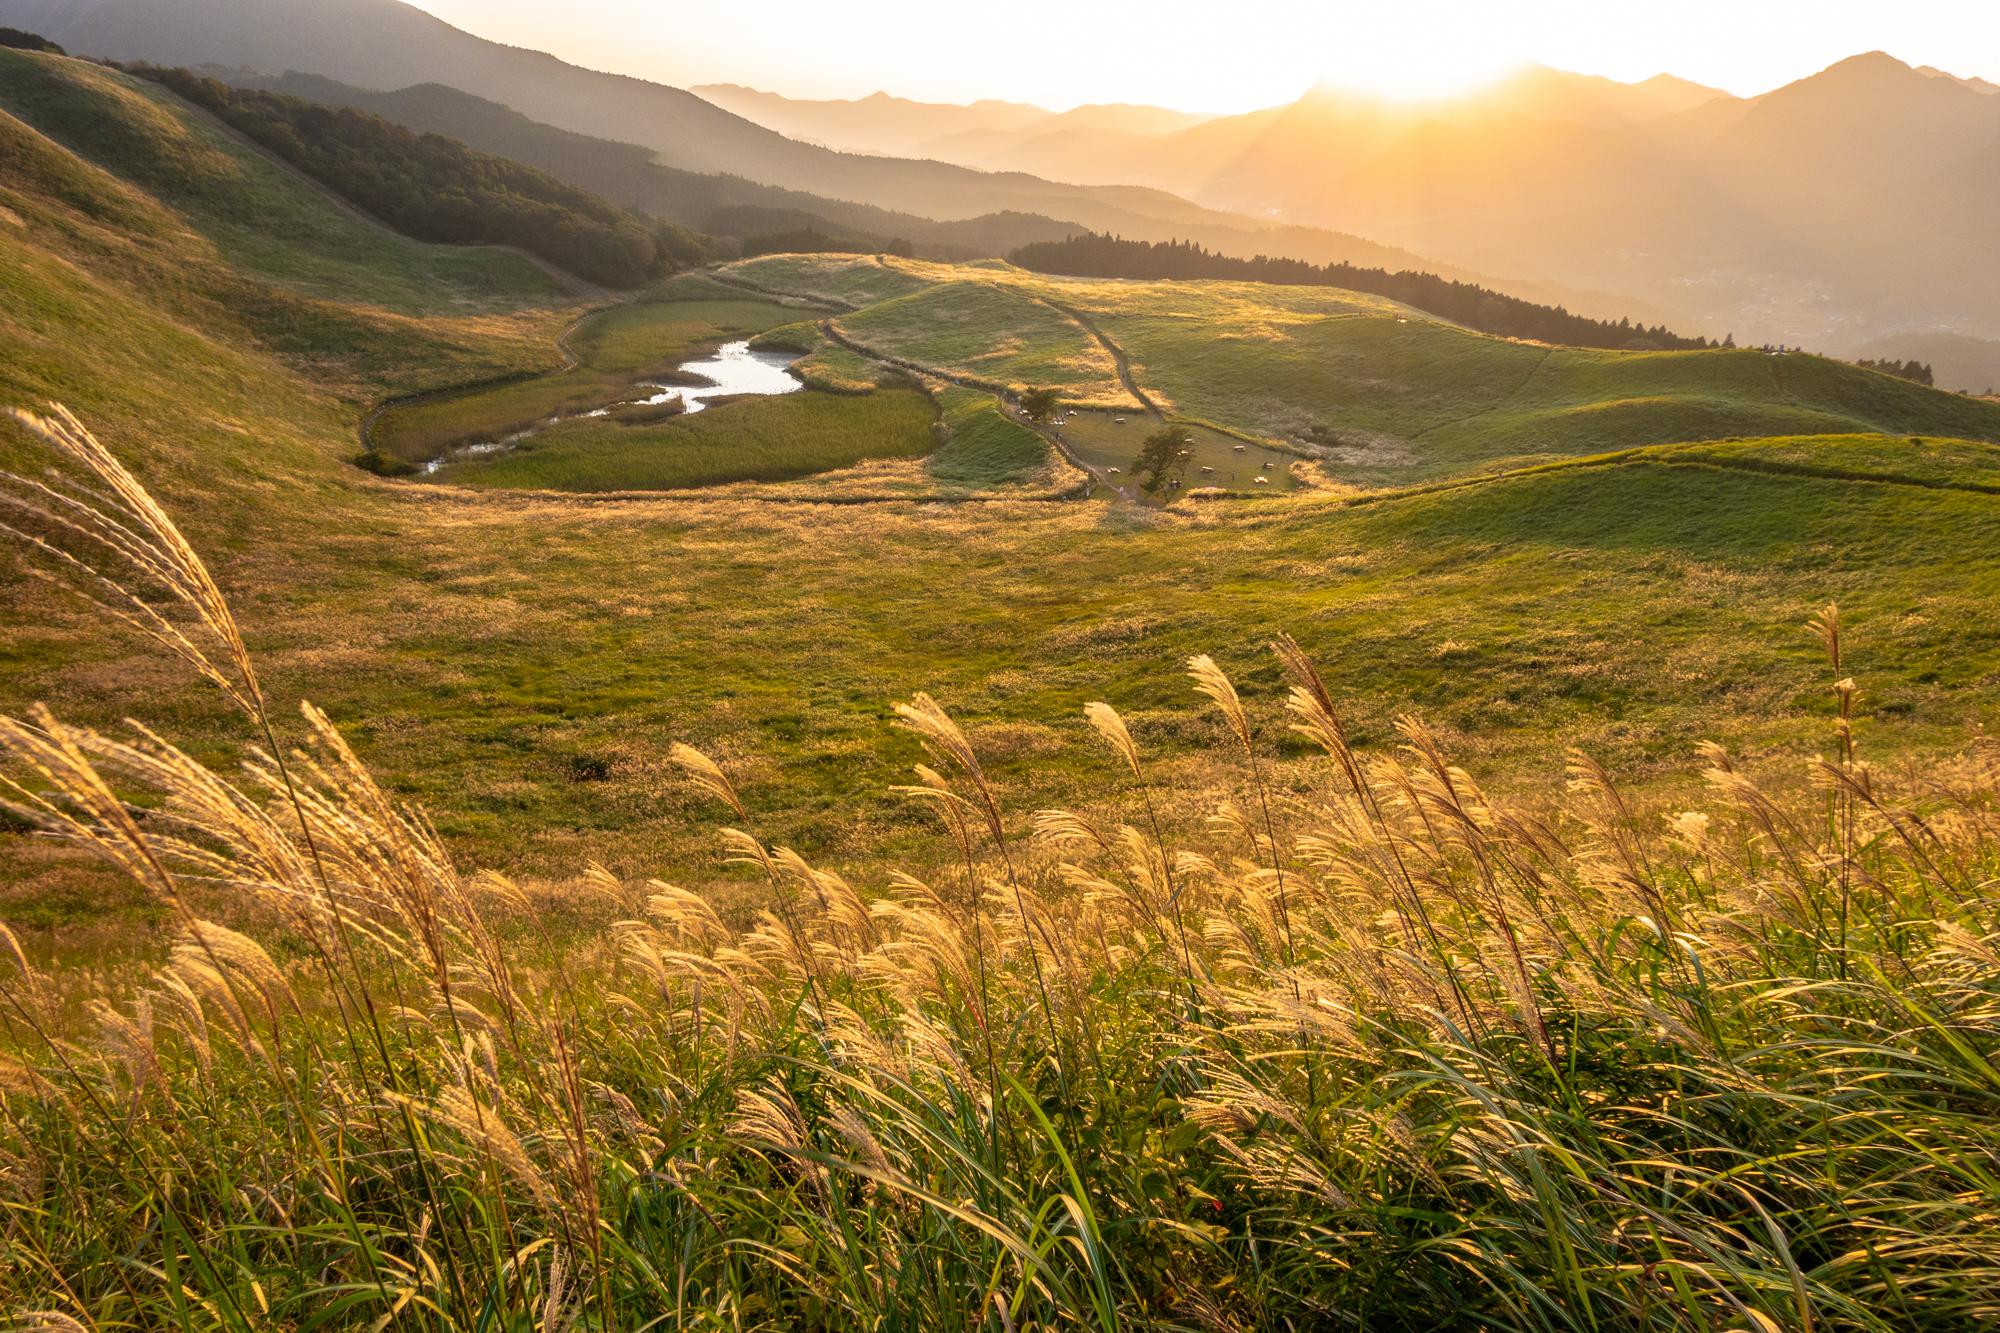 DSC02565 奈良  曽爾高原(2019年  秋におすすめ! 一面ススキの草原が広がる絶景の高原! 関西・近畿・奈良県のススキが観れる写真スポット! アクセス情報や撮影ポイントなど!)